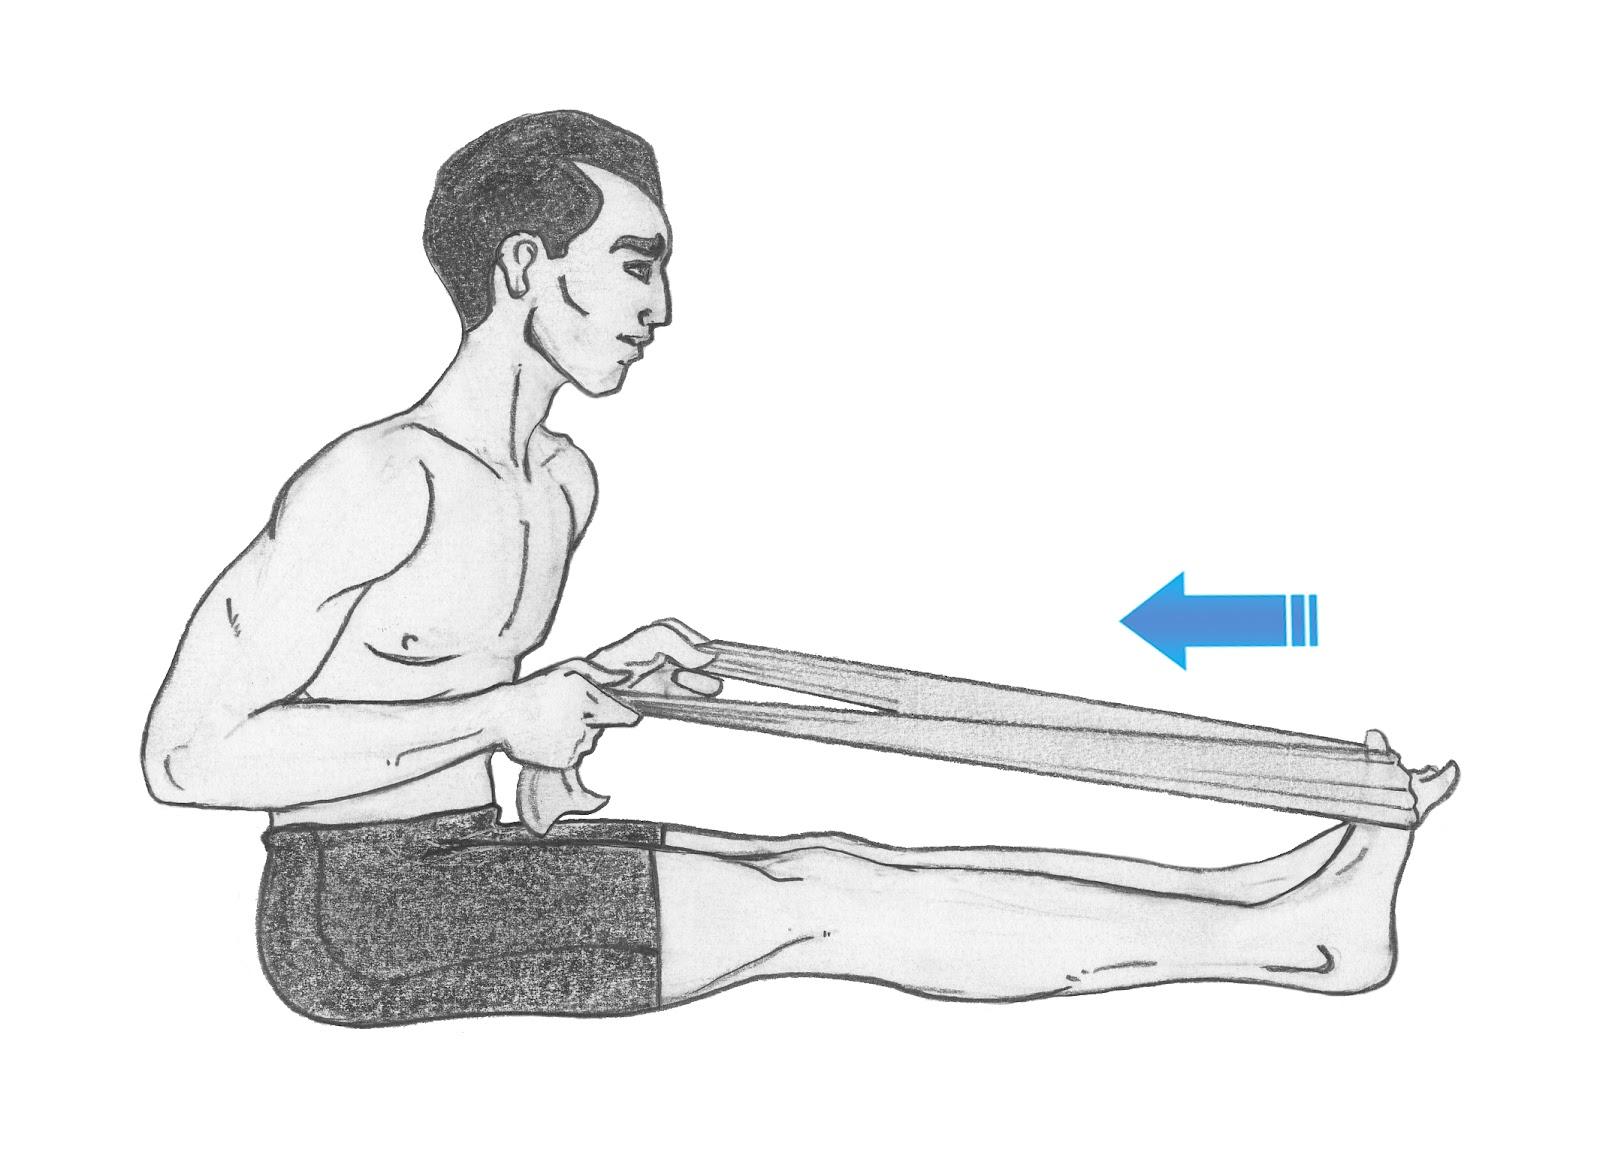 Blog 75 infos sant sport et sant claquage du mollet - Dessin du genou ...